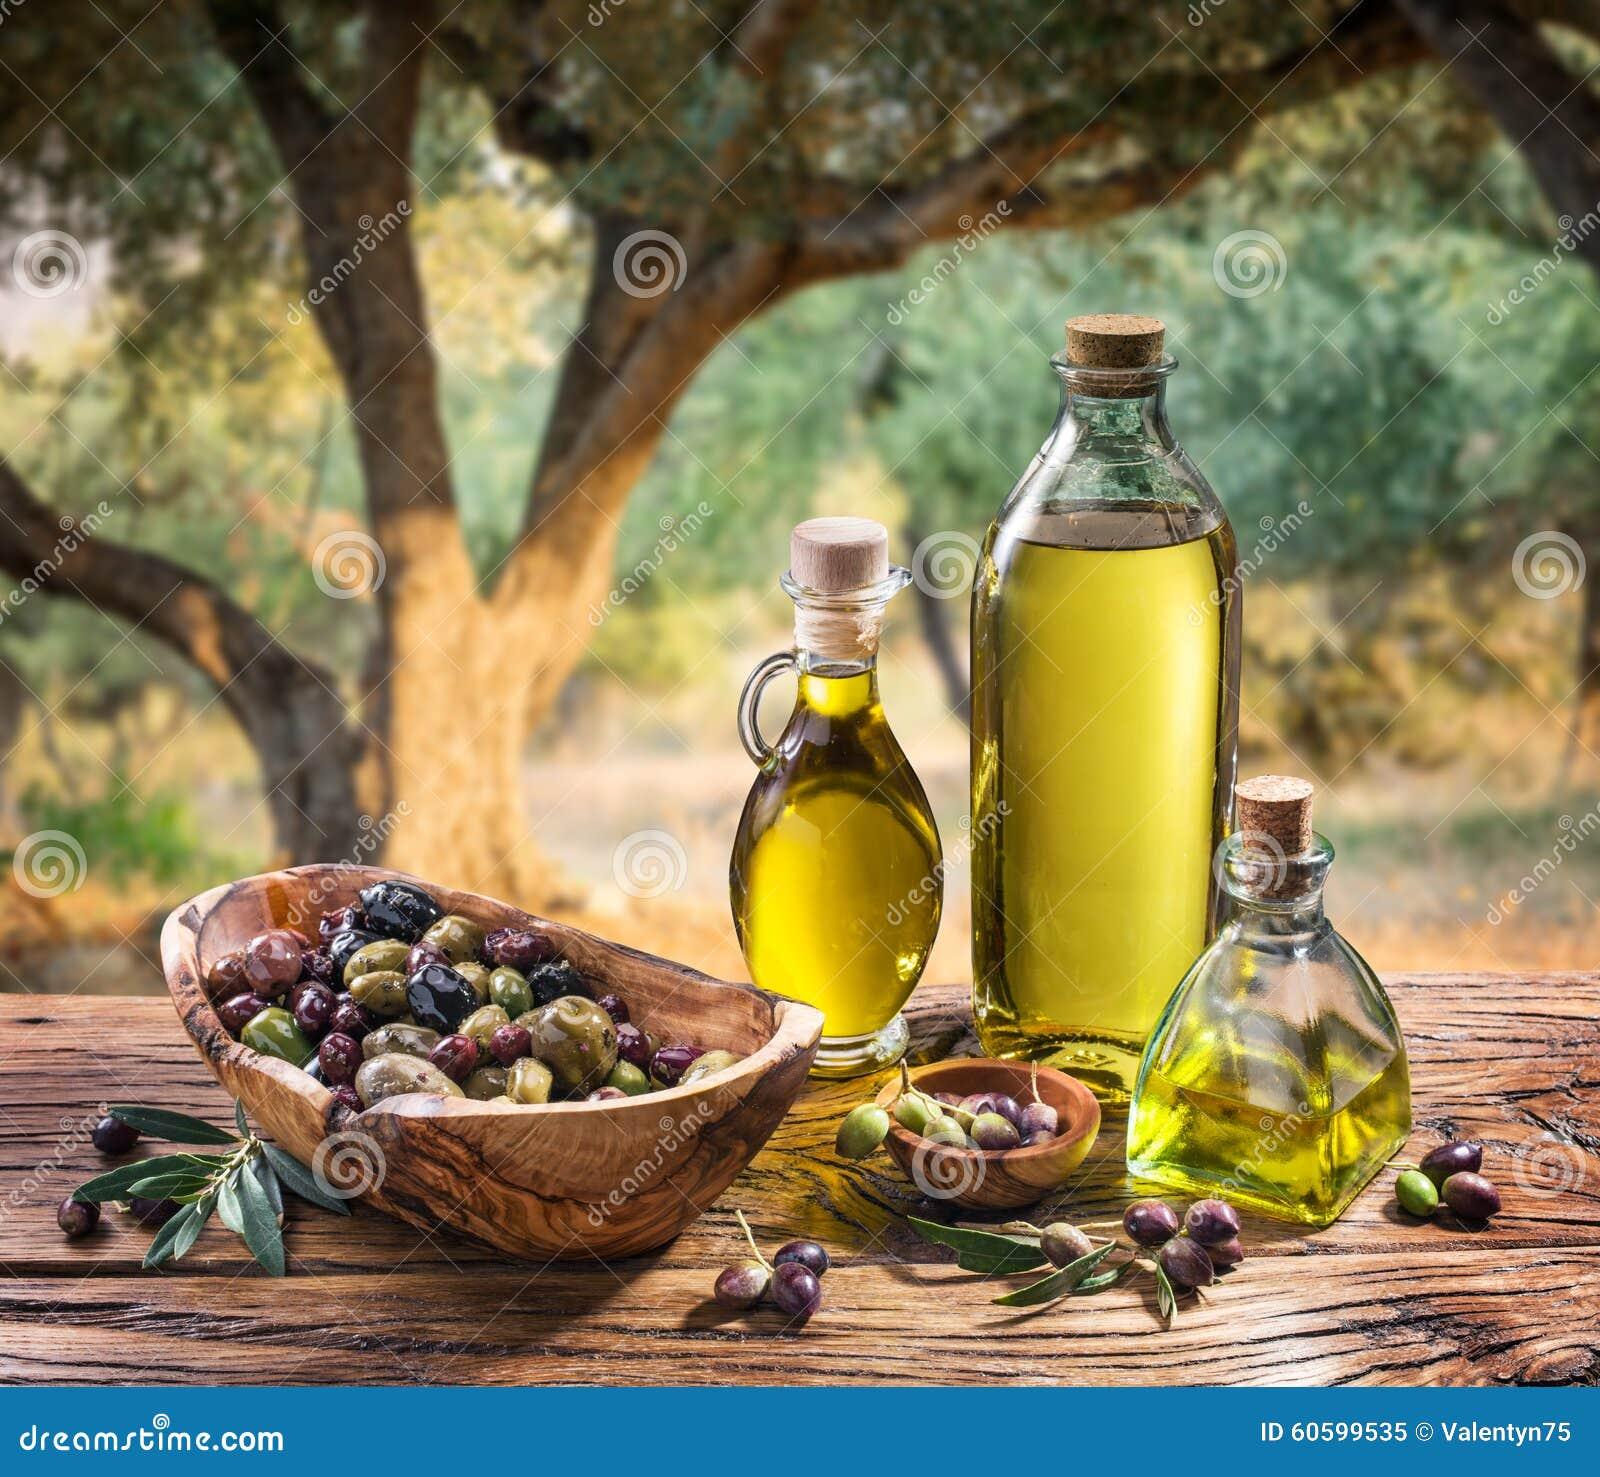 Azeitonas e azeite em uma garrafa